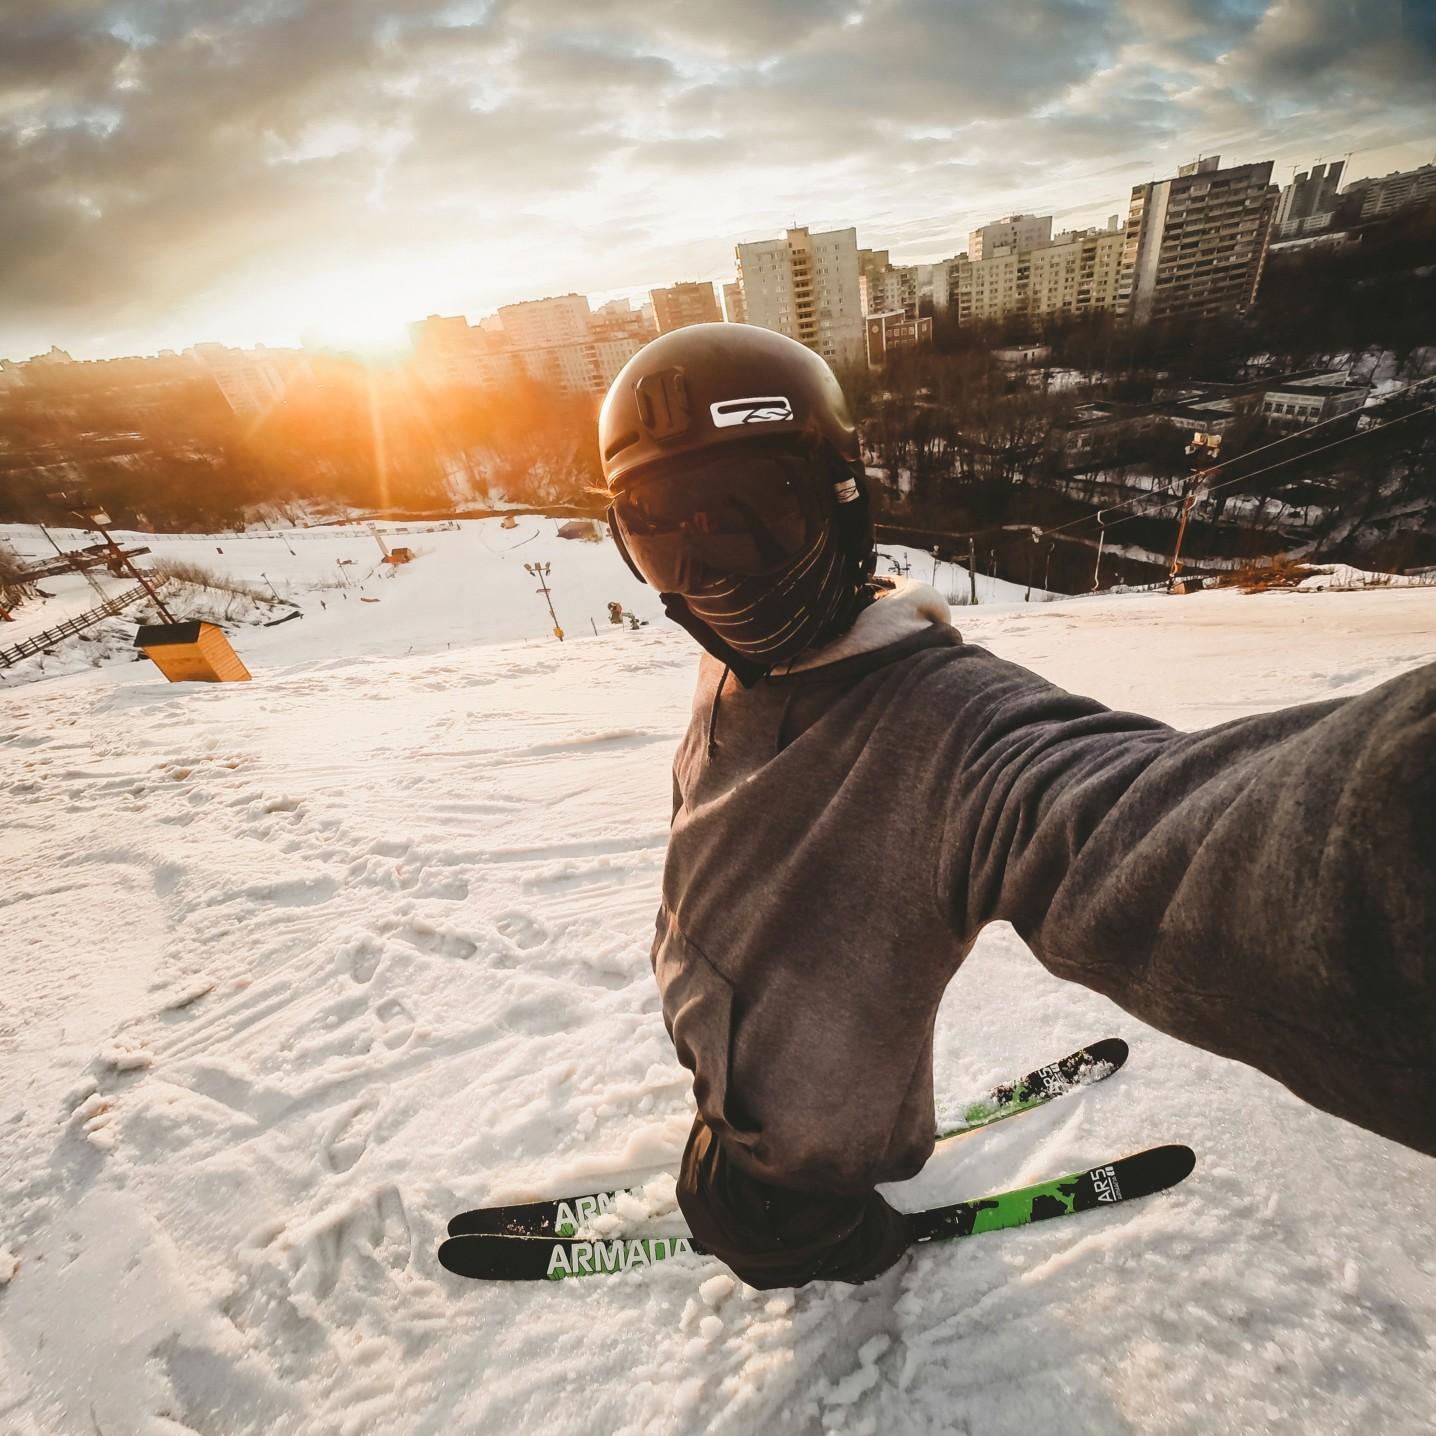 Sonne Schnee und der richtige Skihelm